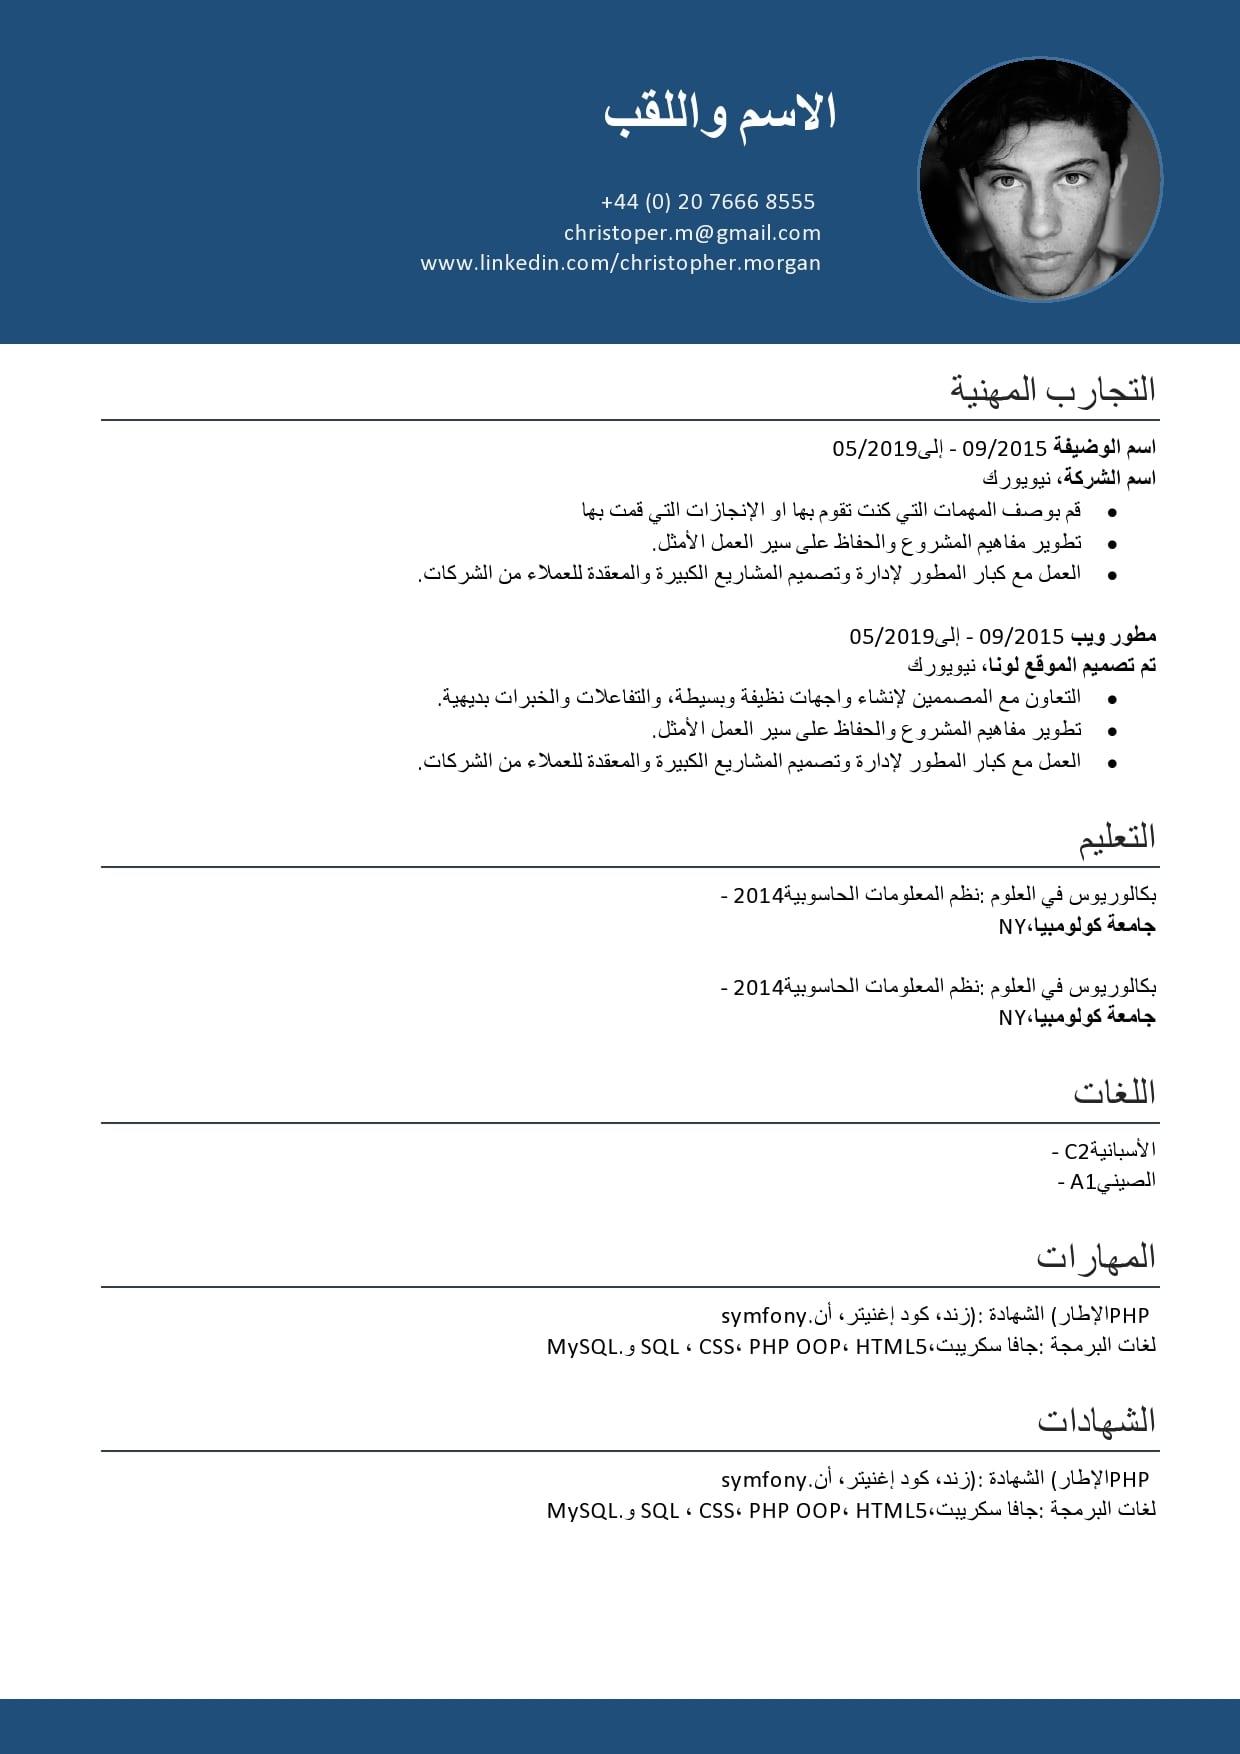 نموذج سيرة ذاتية جاهز للكتابة بالعربية Getyourcv Net